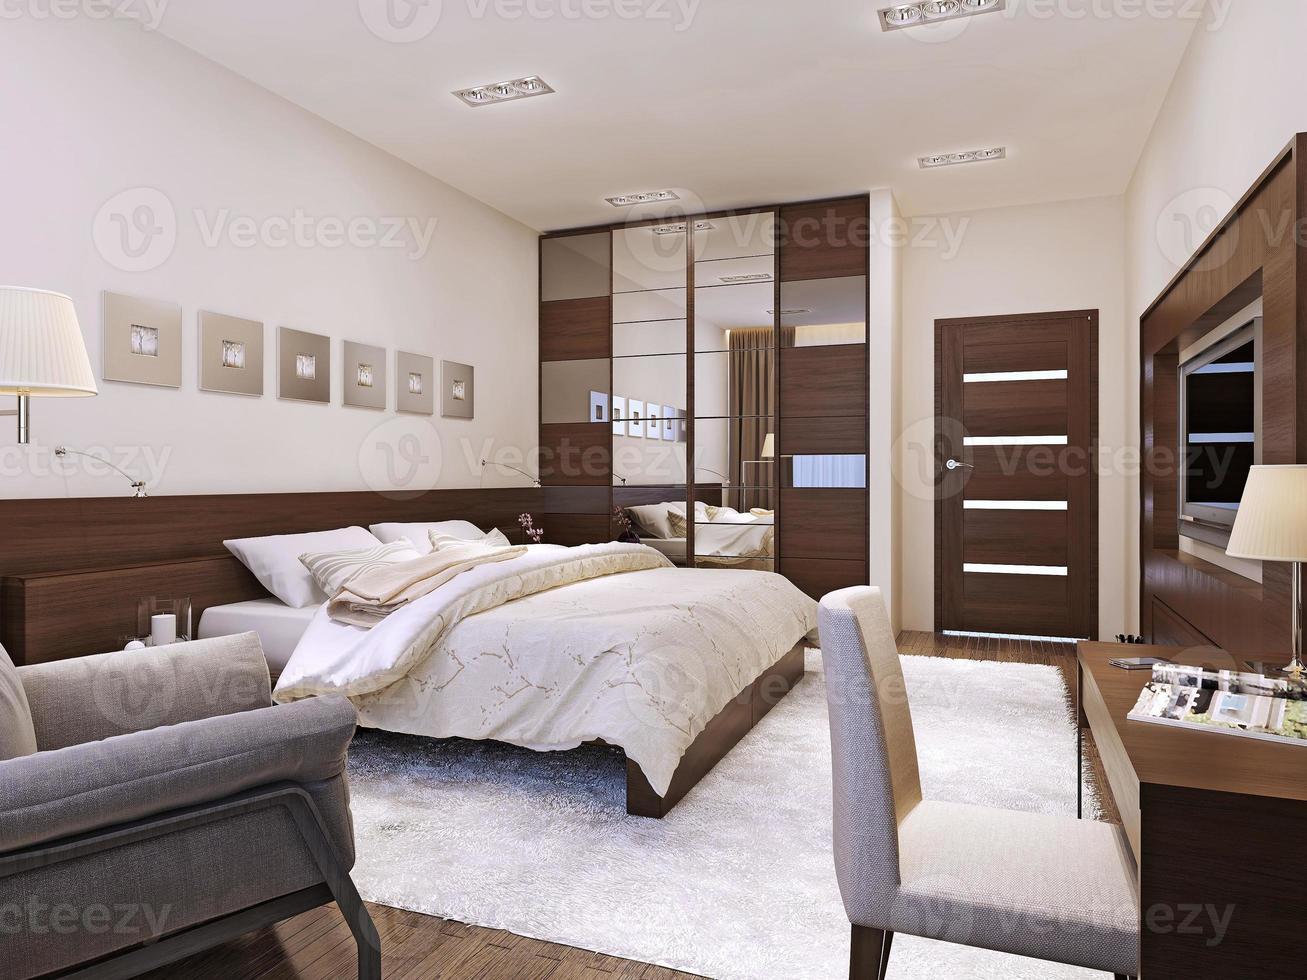 slaapkamer interieur avant-garde stijl foto